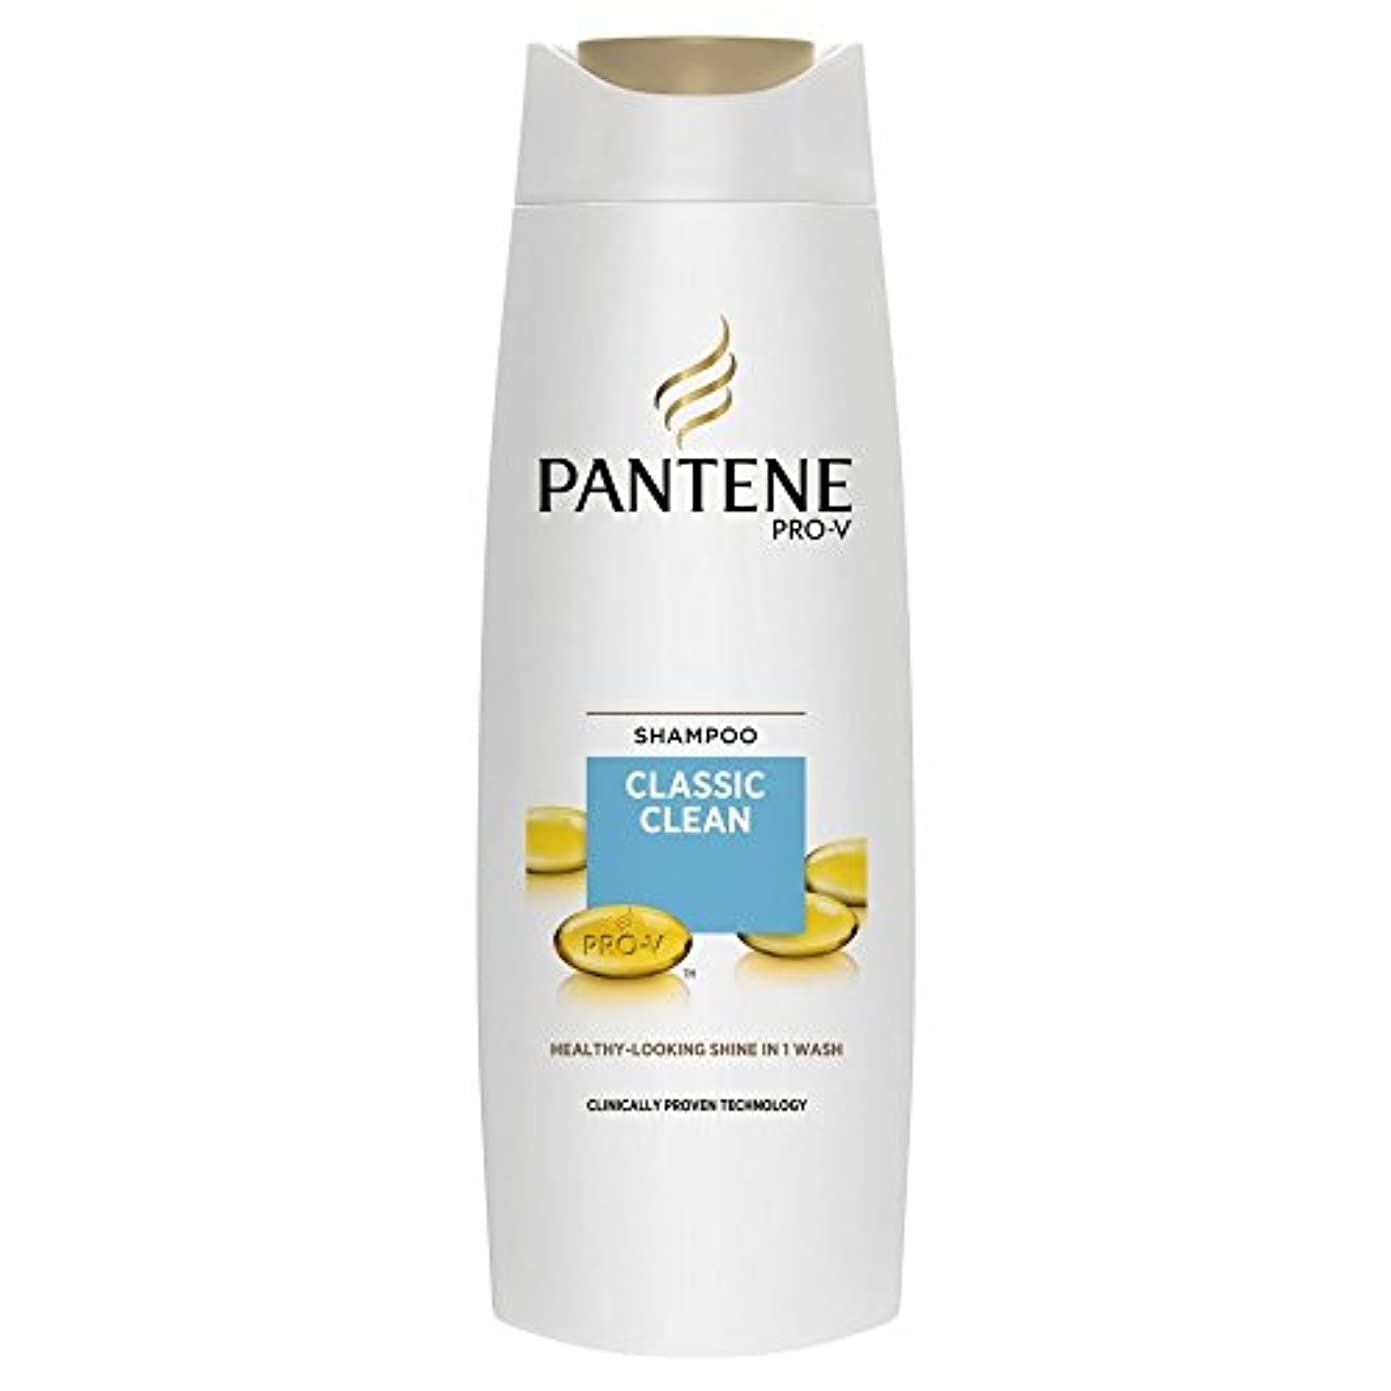 プロット検索エンジン最適化逃れるPantene Pro-V Classic Care Shampoo (250ml) パンテーンプロv古典的なケアシャンプー( 250ミリリットル) [並行輸入品]